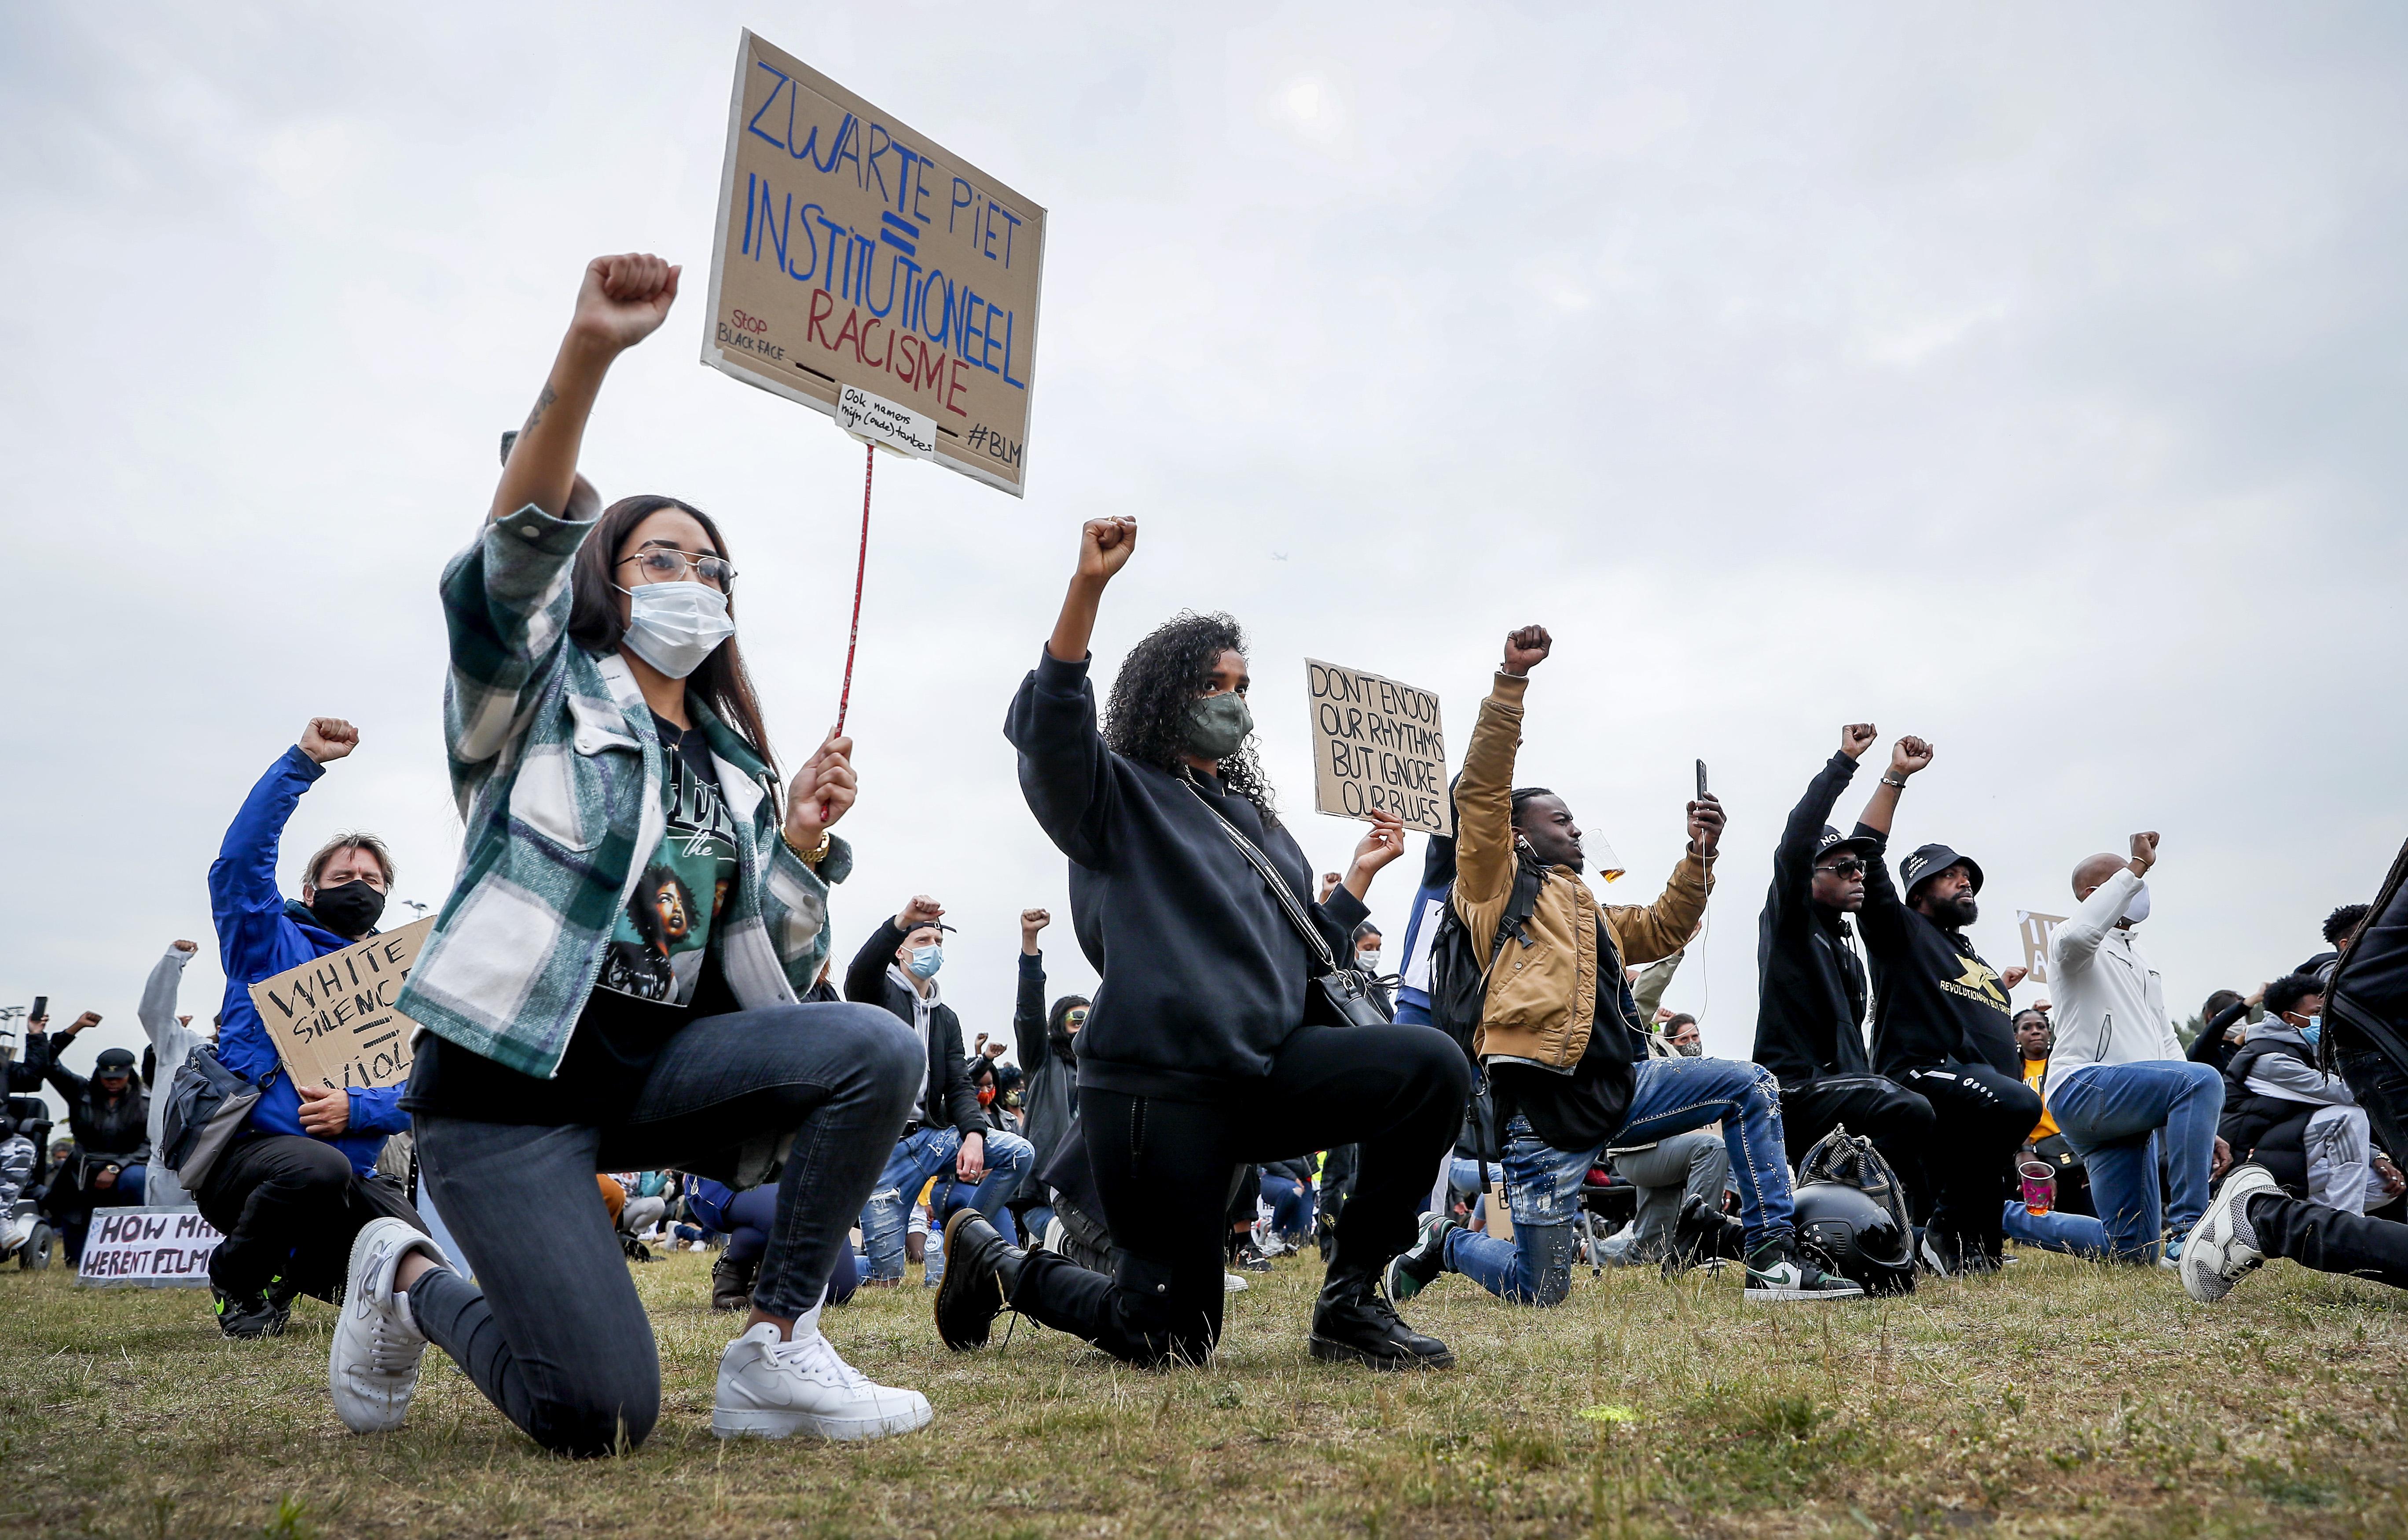 Black Lives Matter demonstratie in Leiden: zondag maximaal duizend mensen vanwege coronamaatregelen